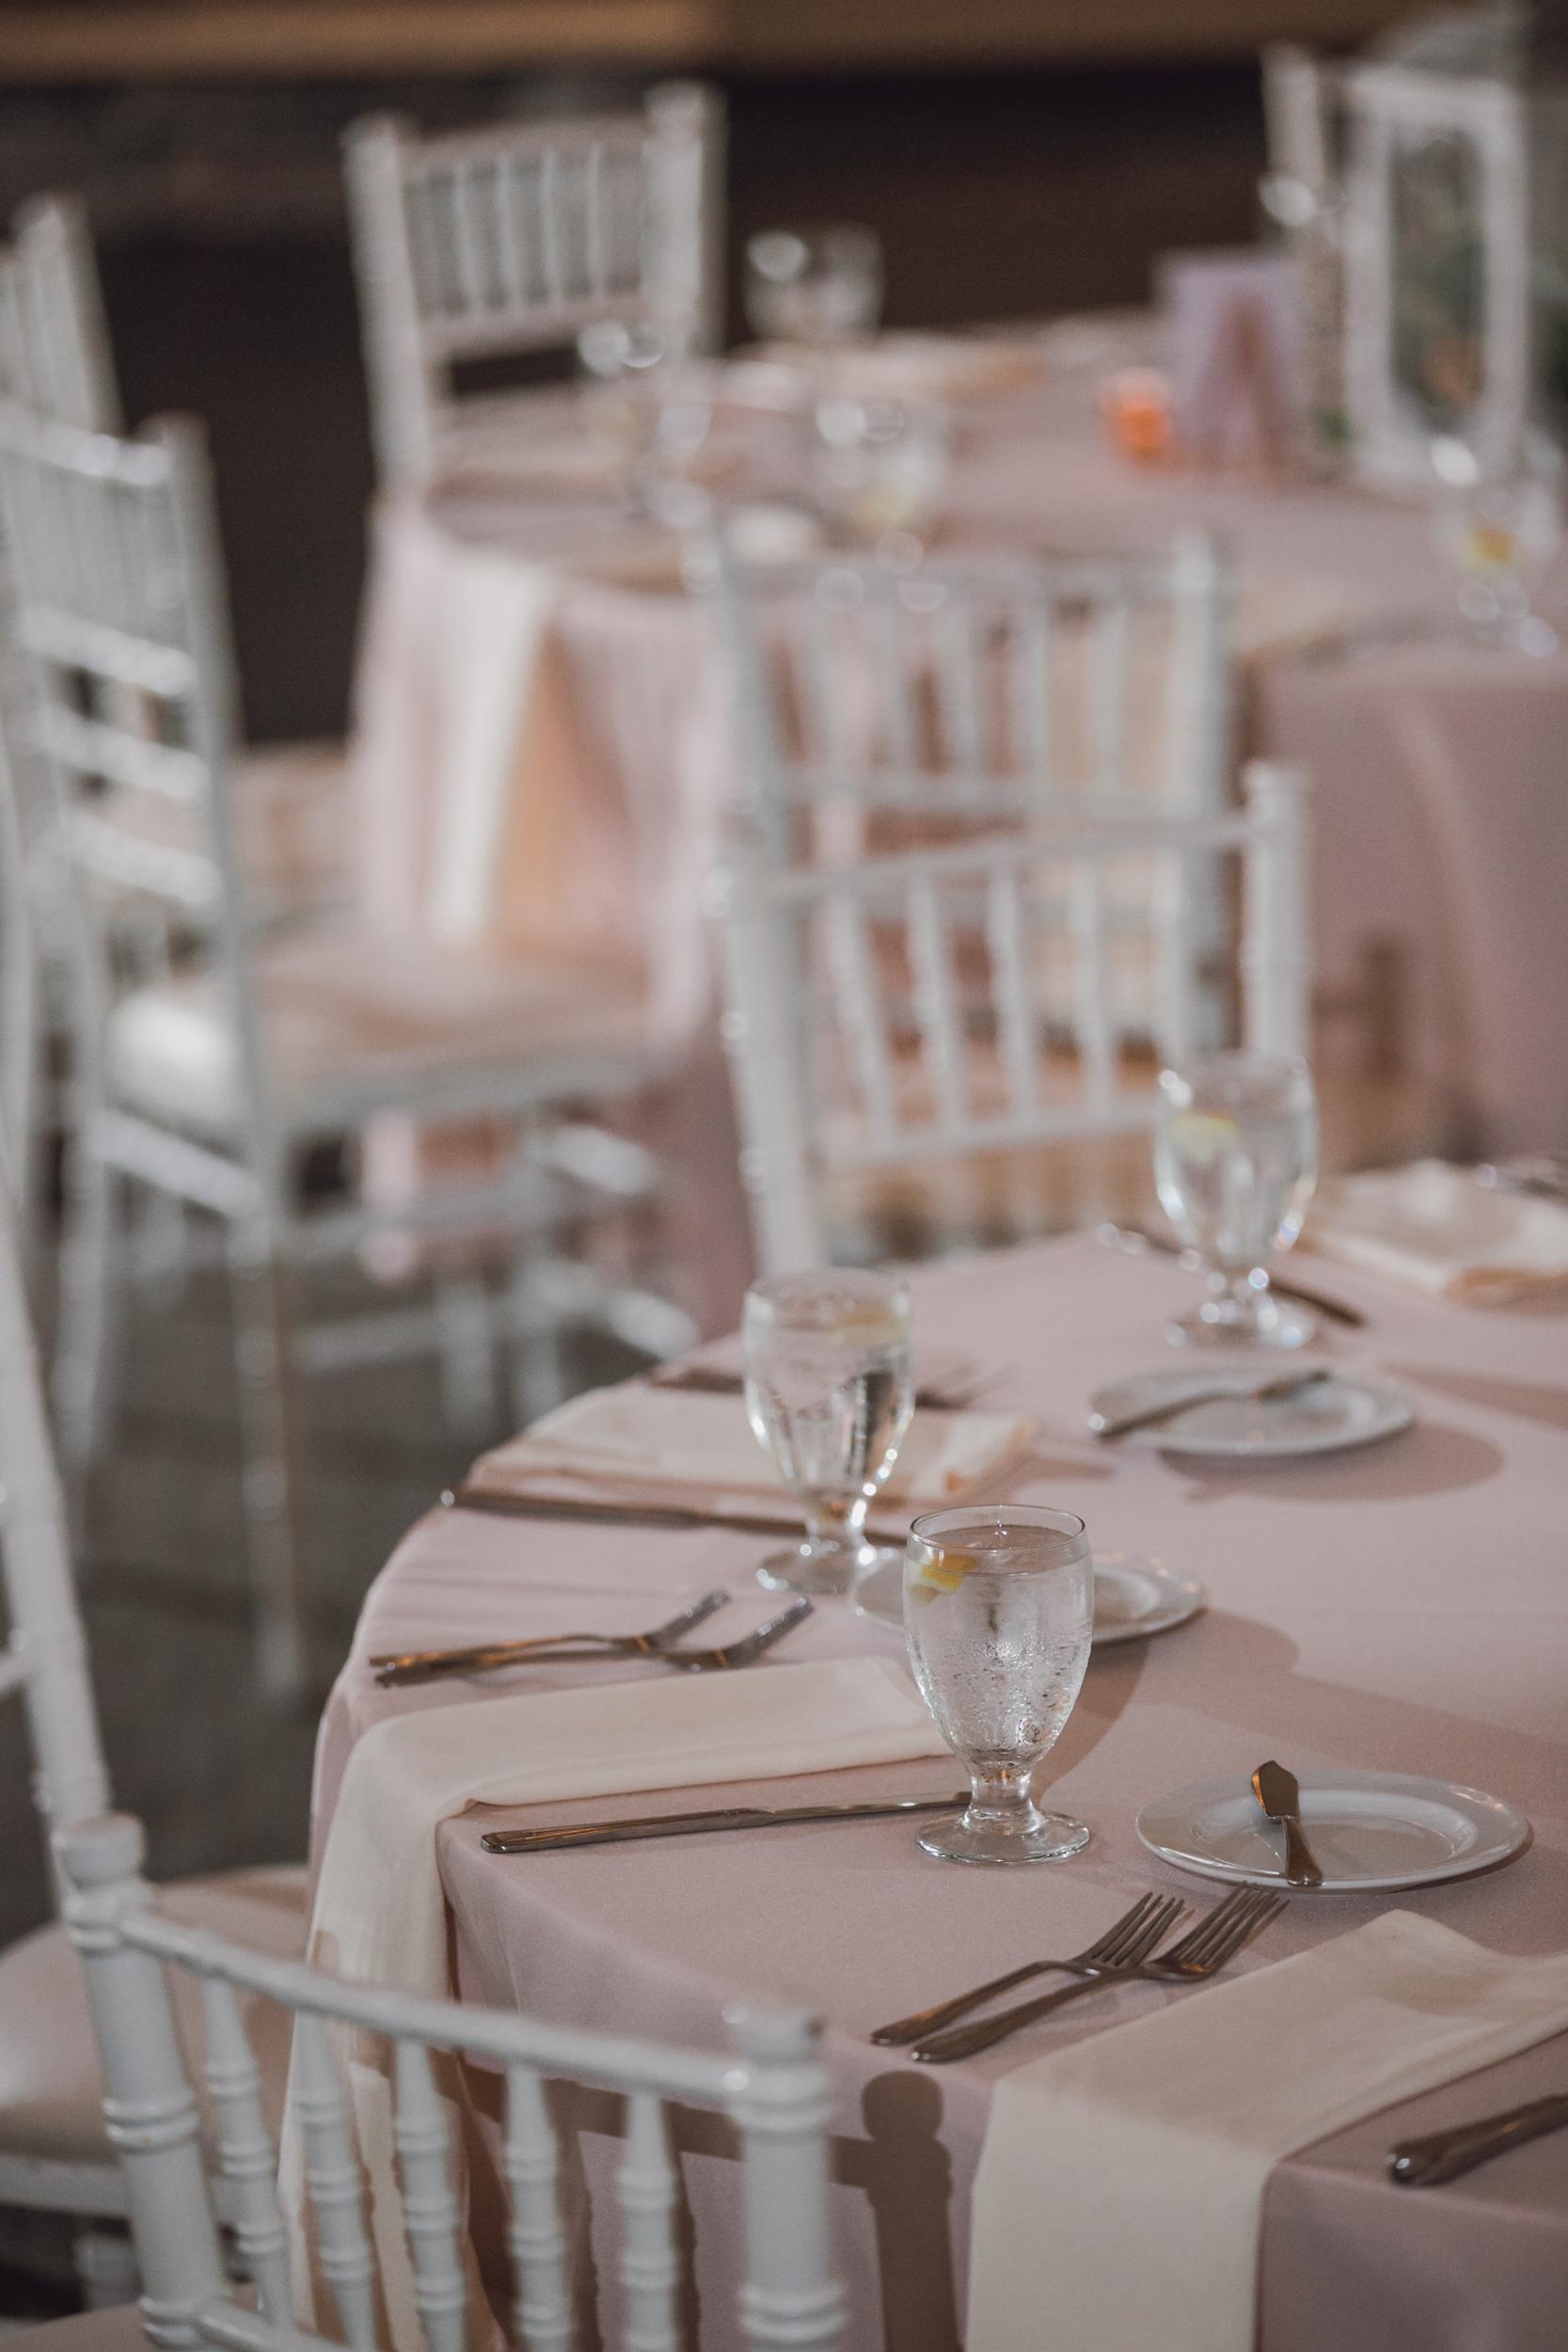 dellwood country club wedding*, Dellwood Country Club*, golf course wedding*, green golf course*, rose pink wedding details*-www.rachelsmak.com29.jpg